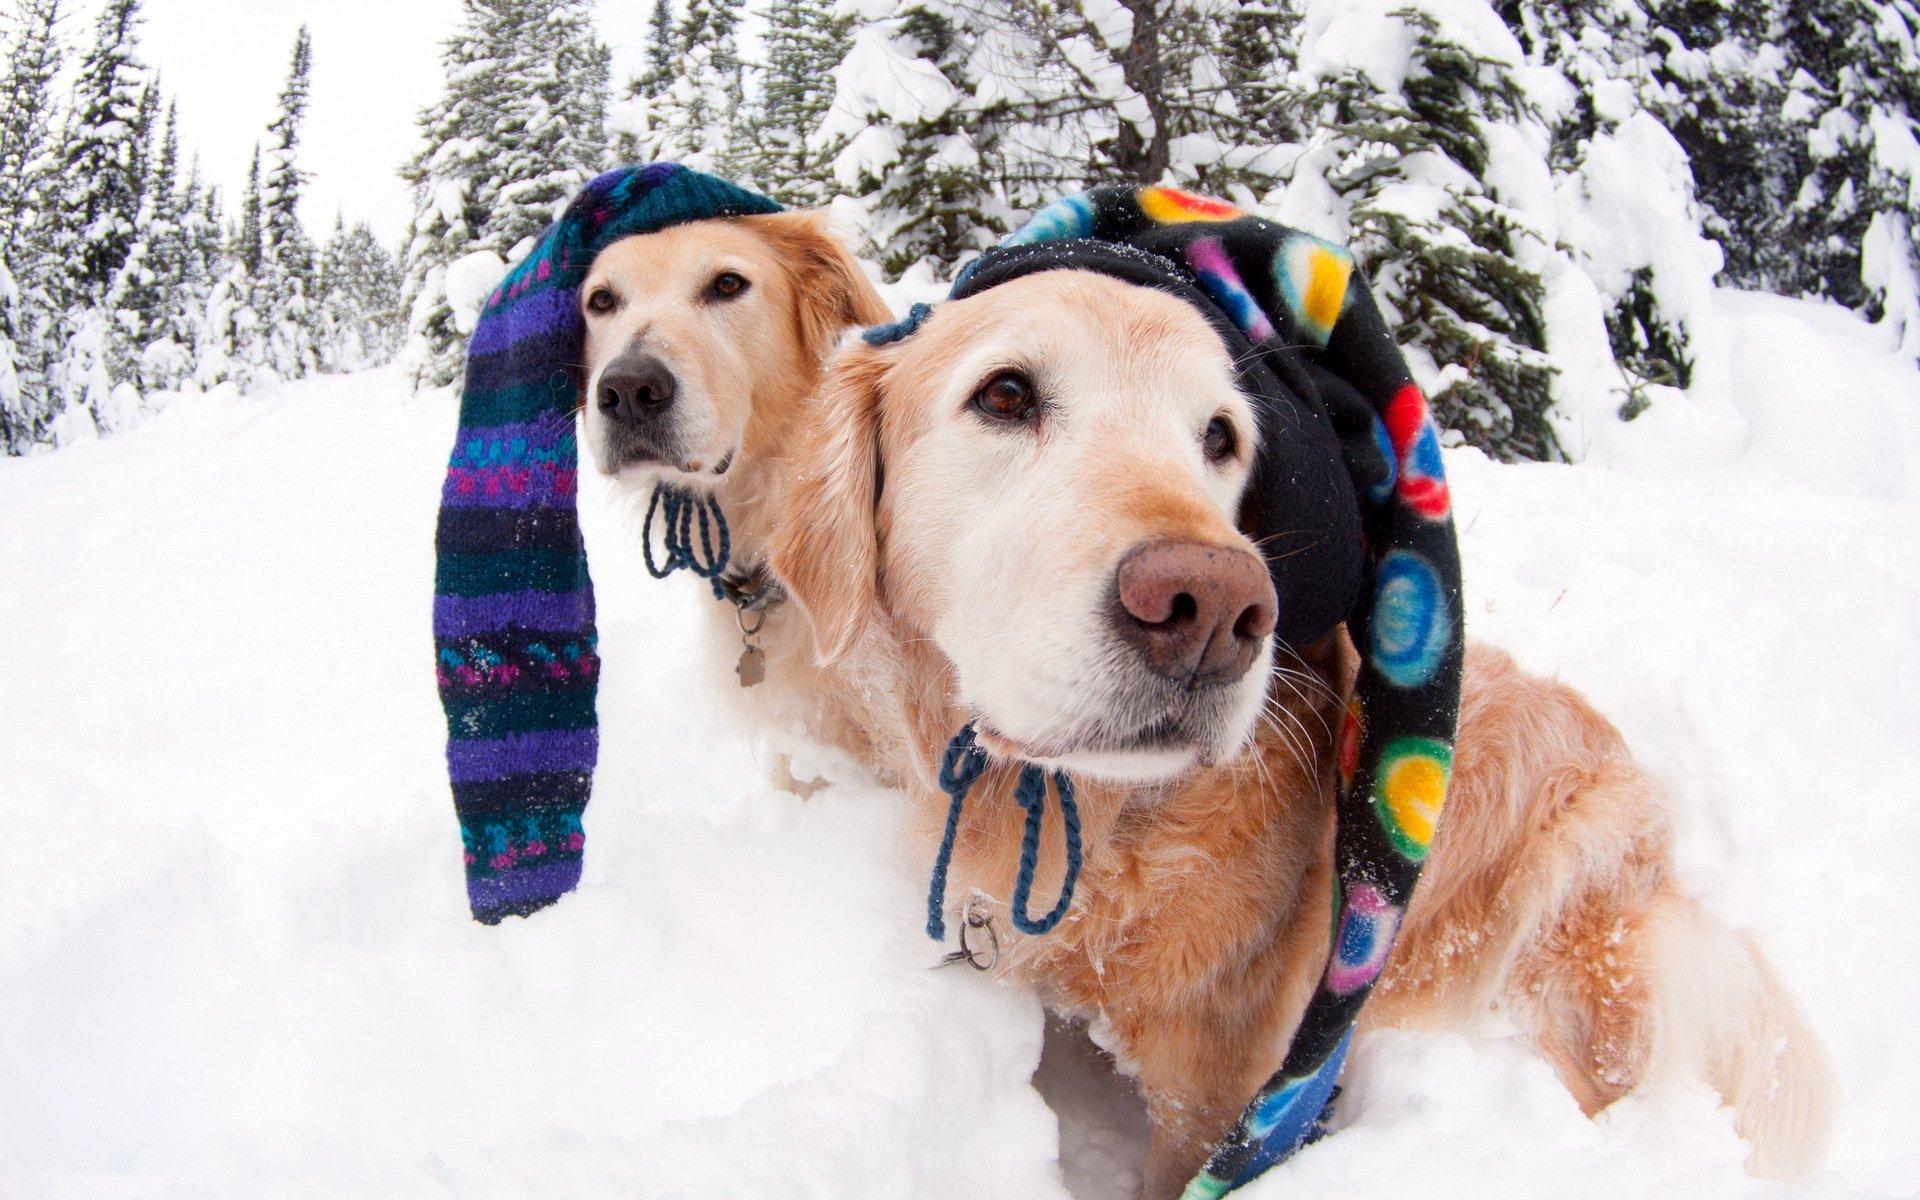 собачки на зимней прогулке  № 1978638 загрузить